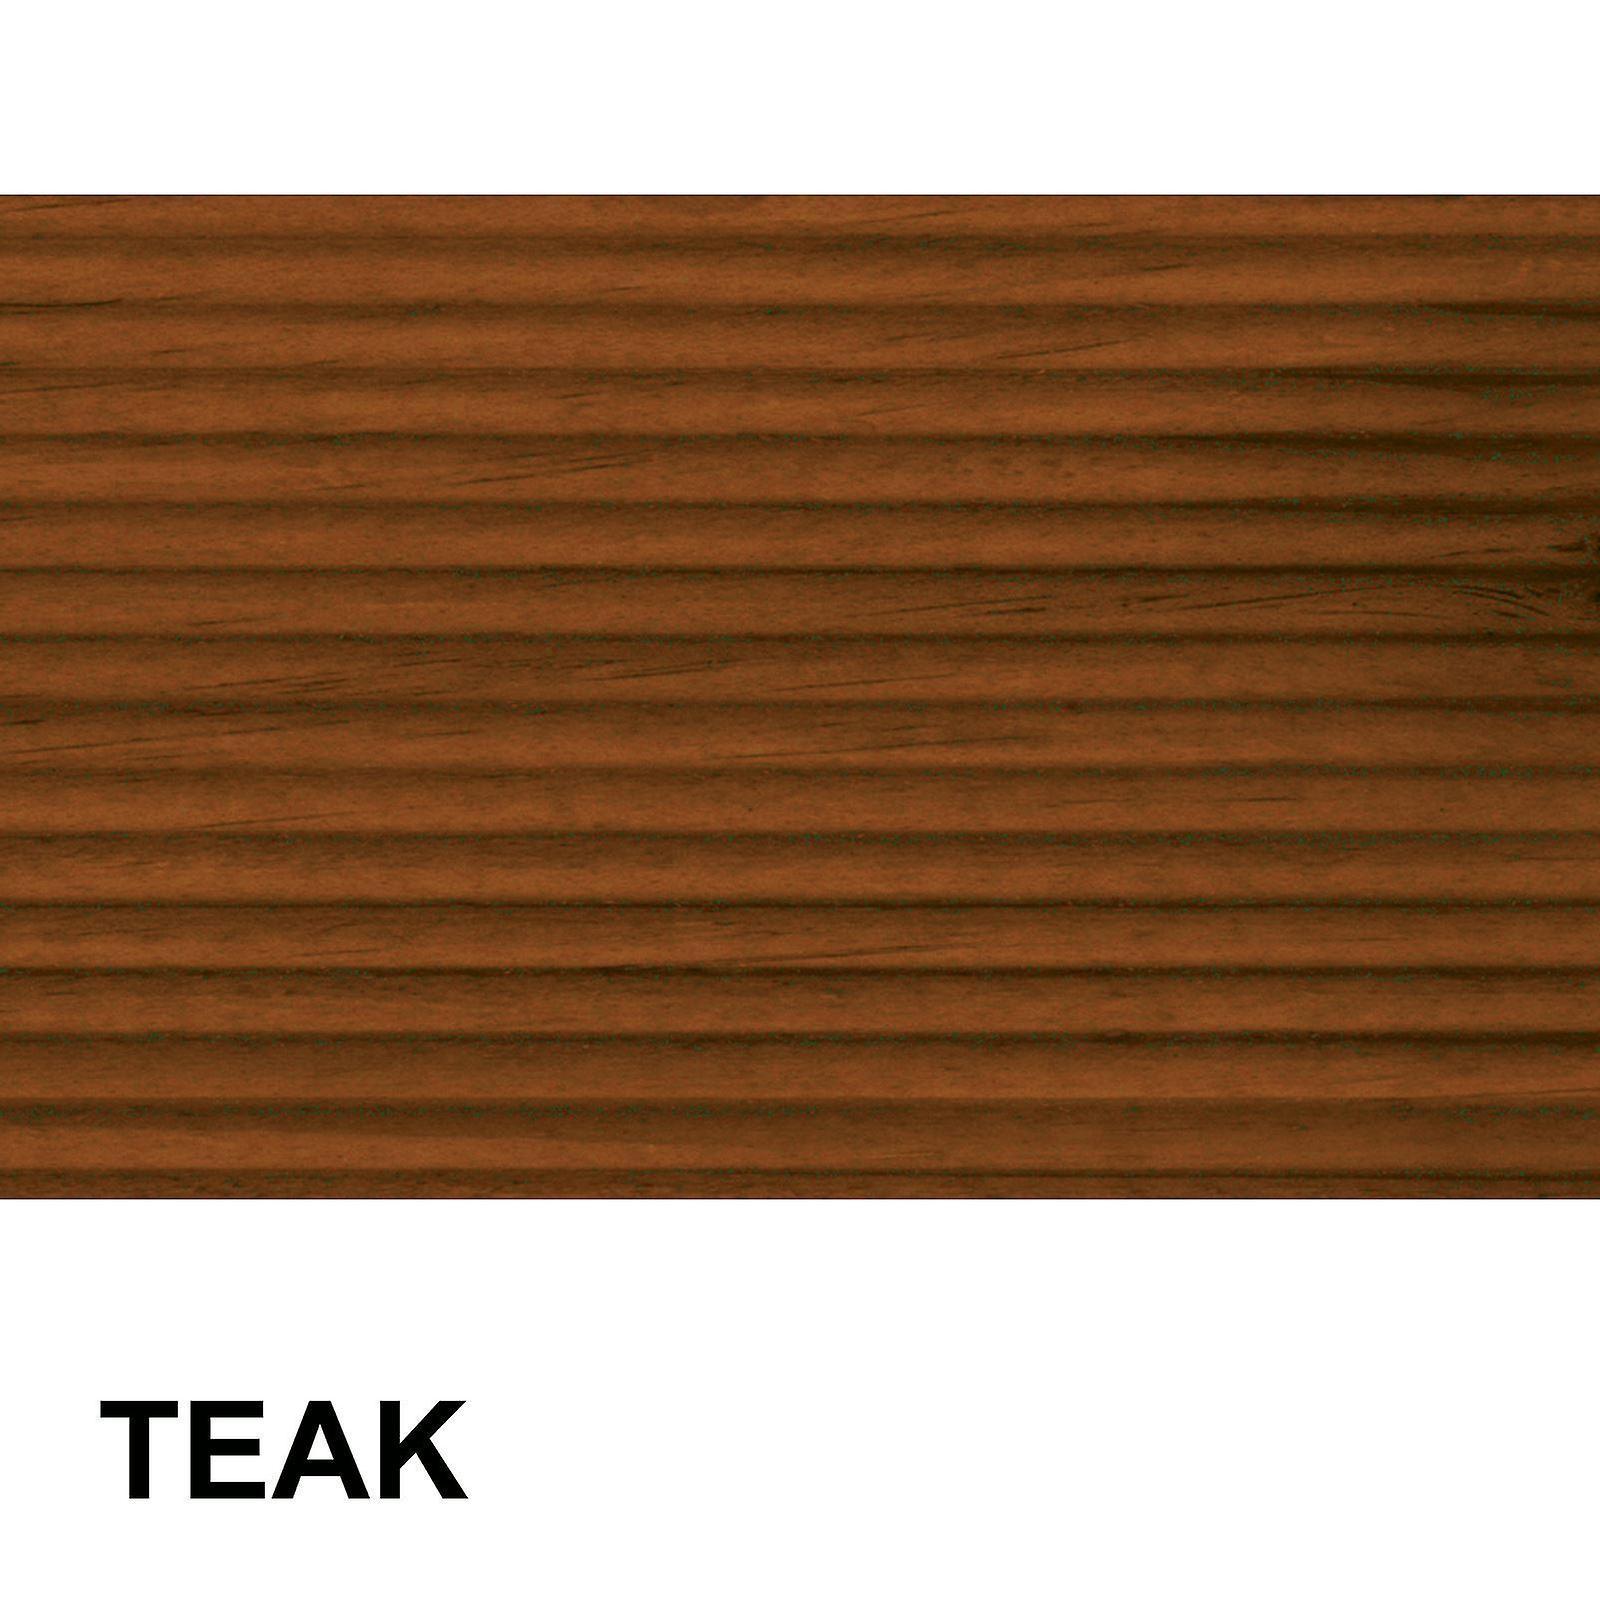 Ronseal Ultimate protezione Decking olio da 5 litri - Teak